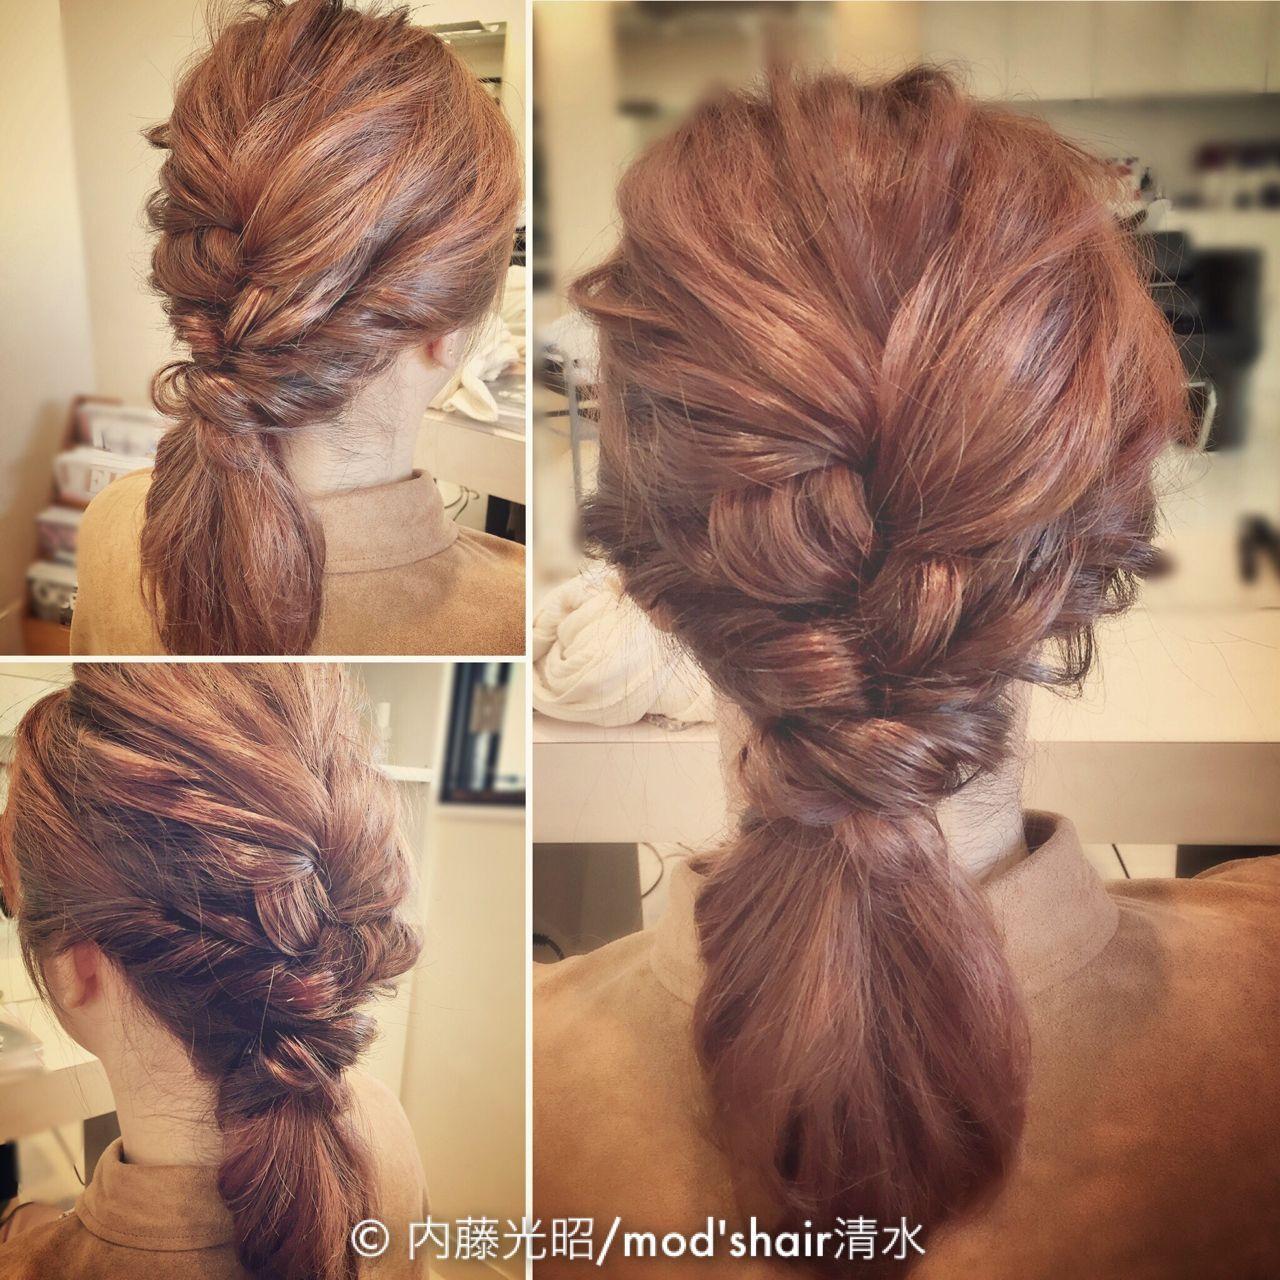 セミロング 結婚式 パーティ ヘアアレンジヘアスタイルや髪型の写真・画像